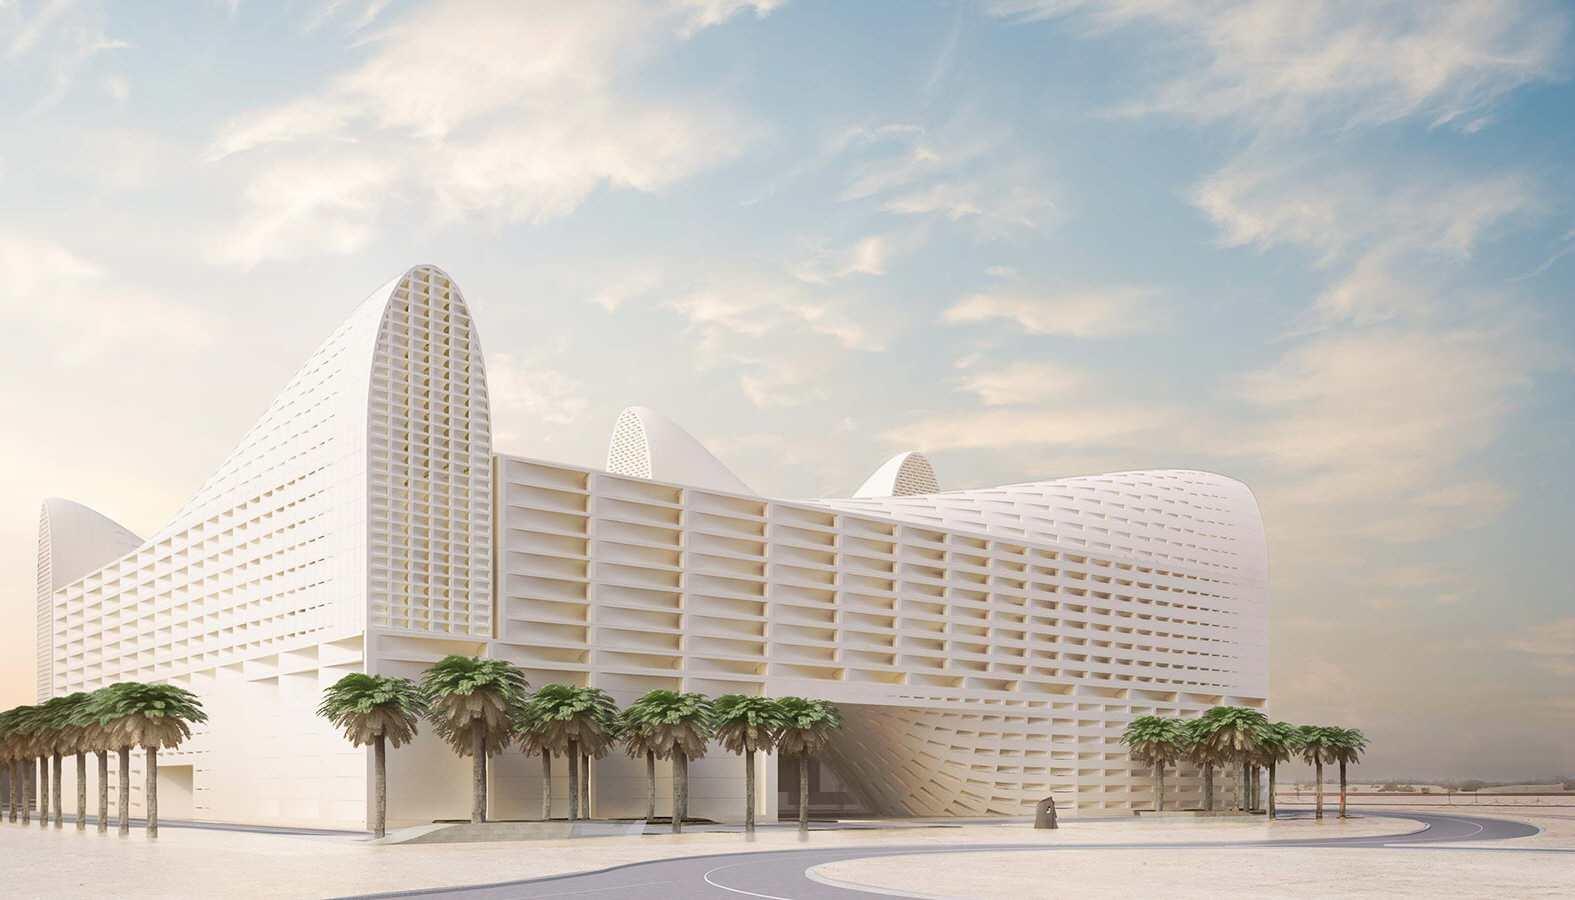 Al Ahmadi Cultural Center Project